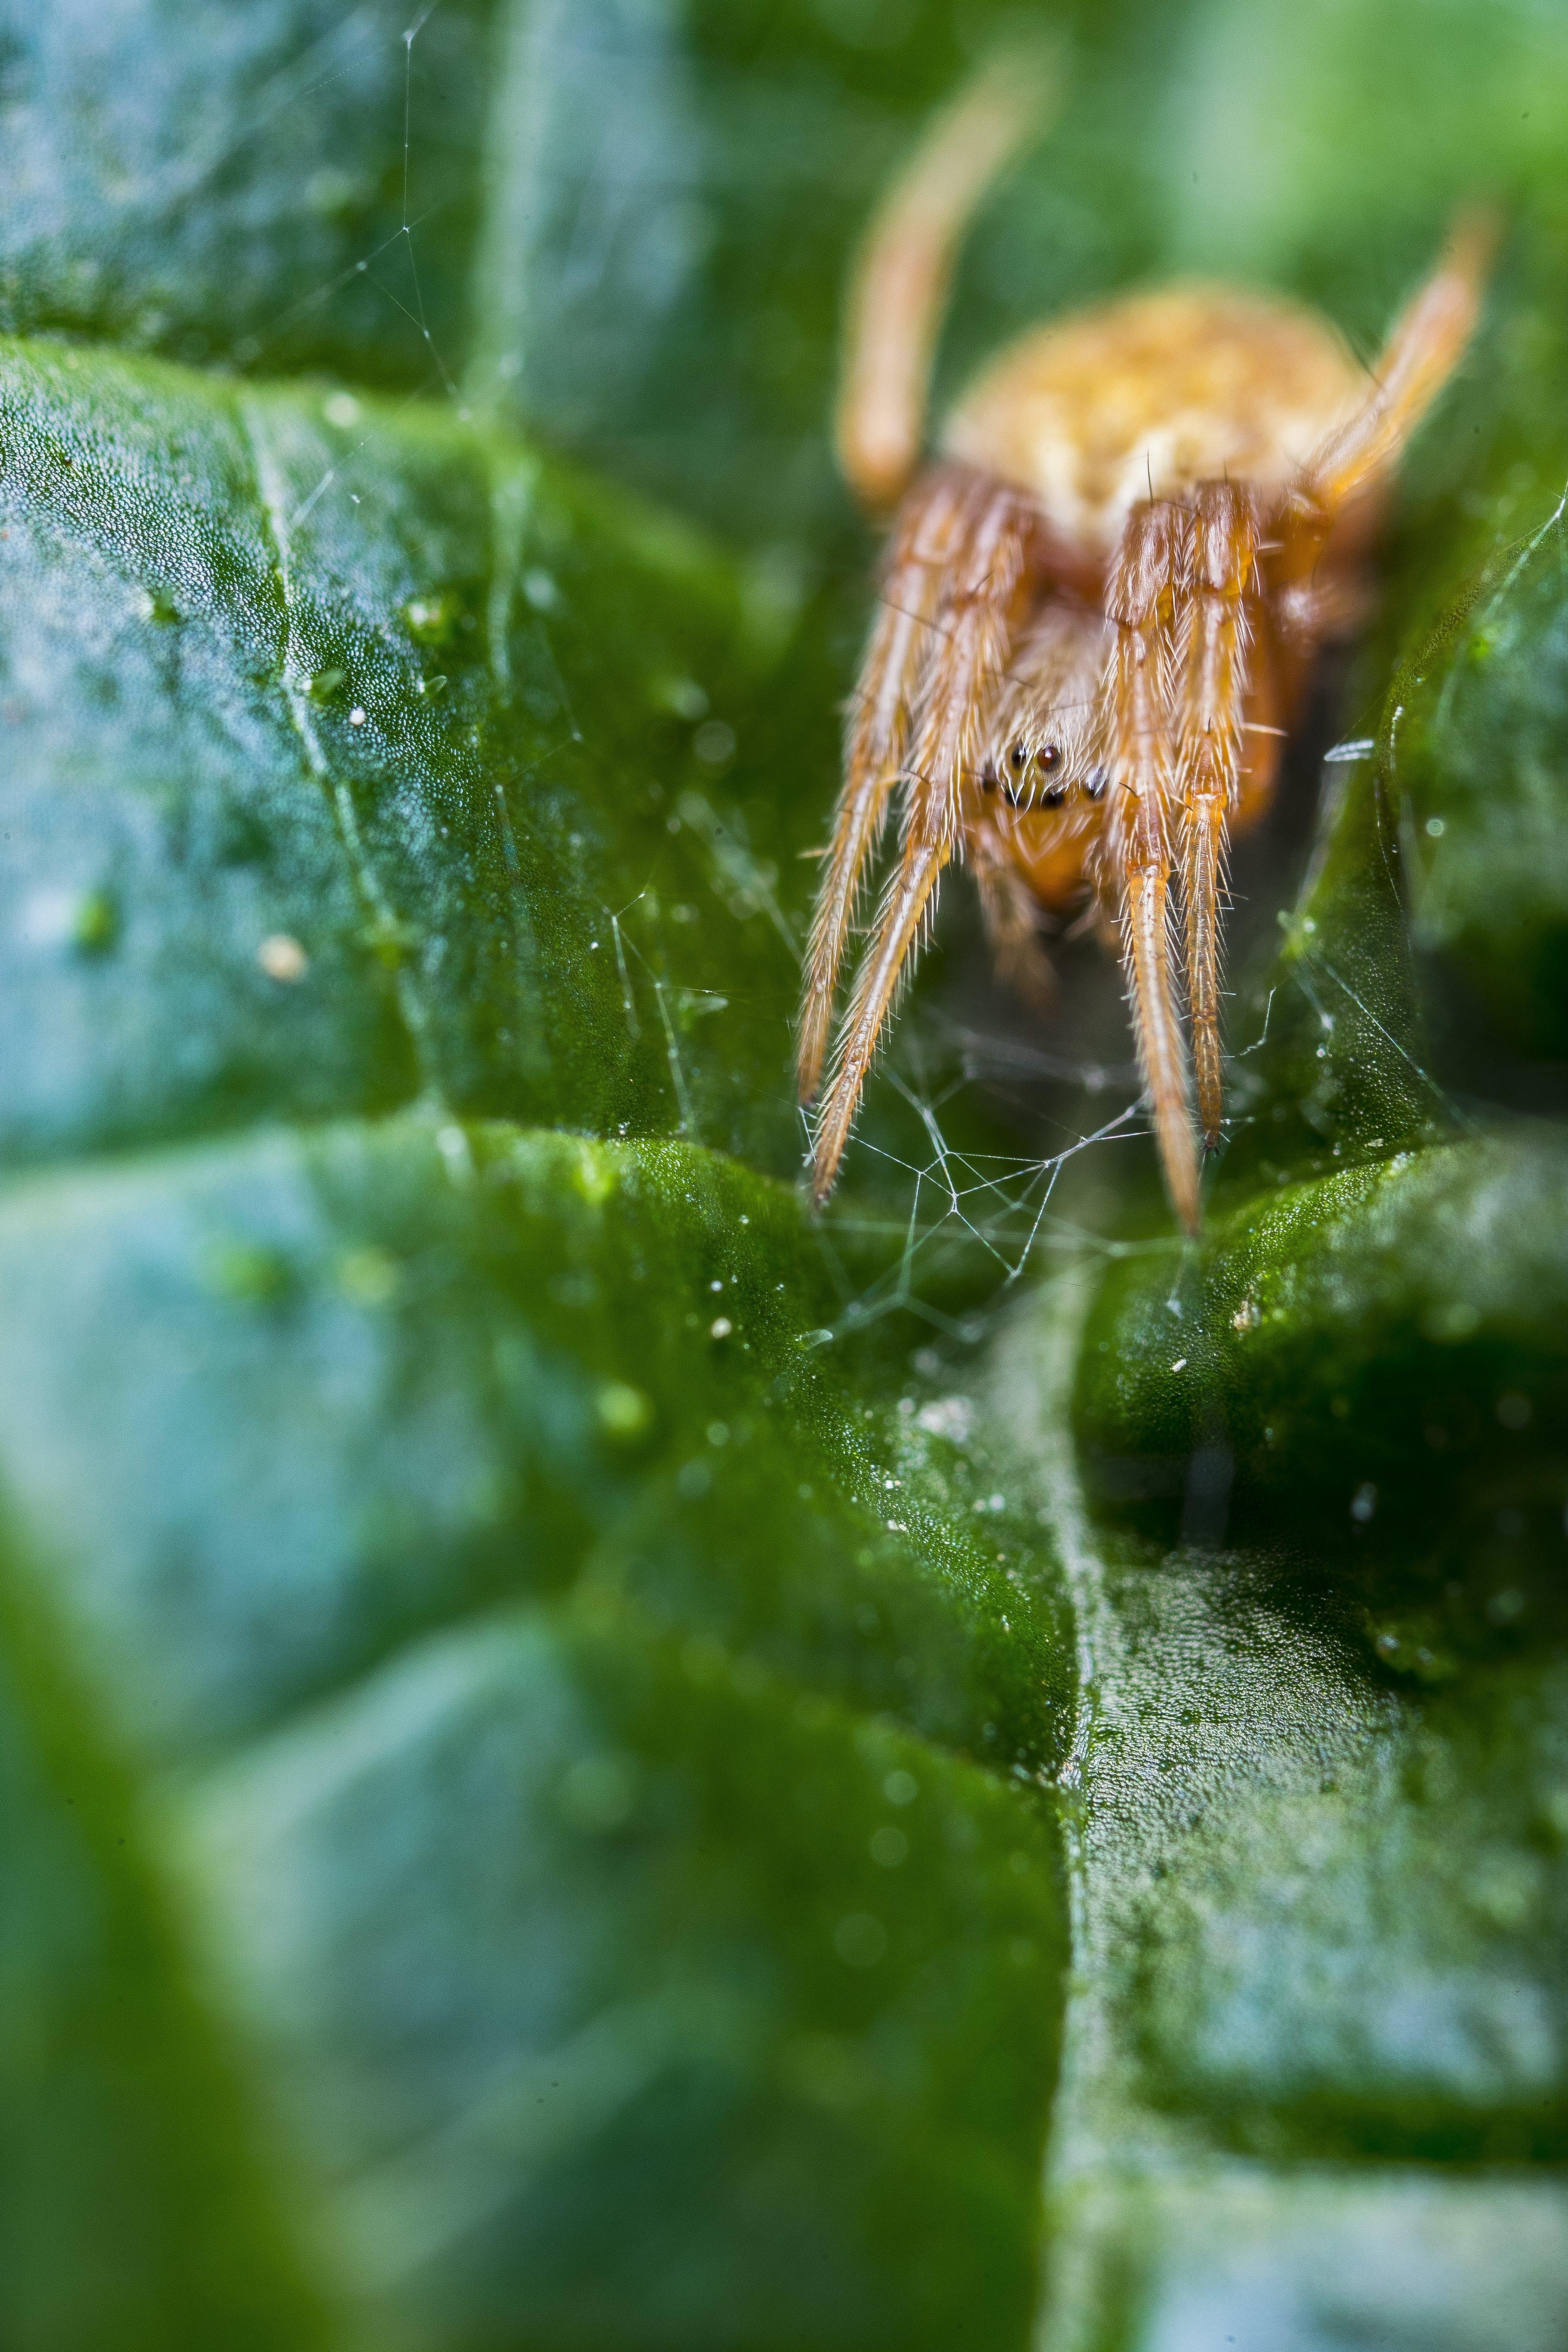 거미, 곤충, 동물, 떠나다의 무료 스톡 사진